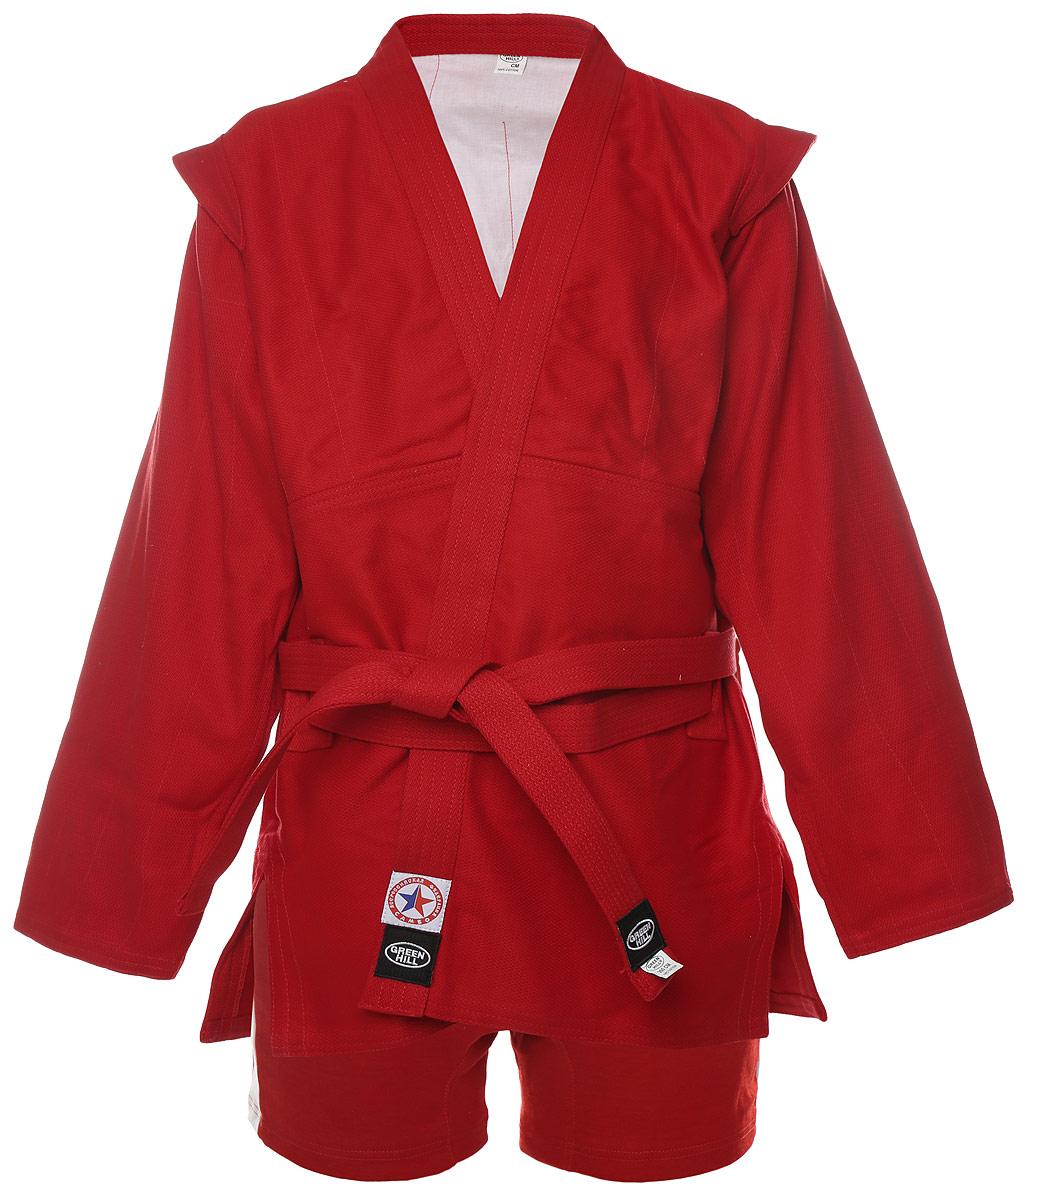 Комплект для самбо Green Hill: куртка, трусы, цвет: красный. SSJ-10355. Размер 7/200 канатрукав green hill для лазания 5 метров в спб